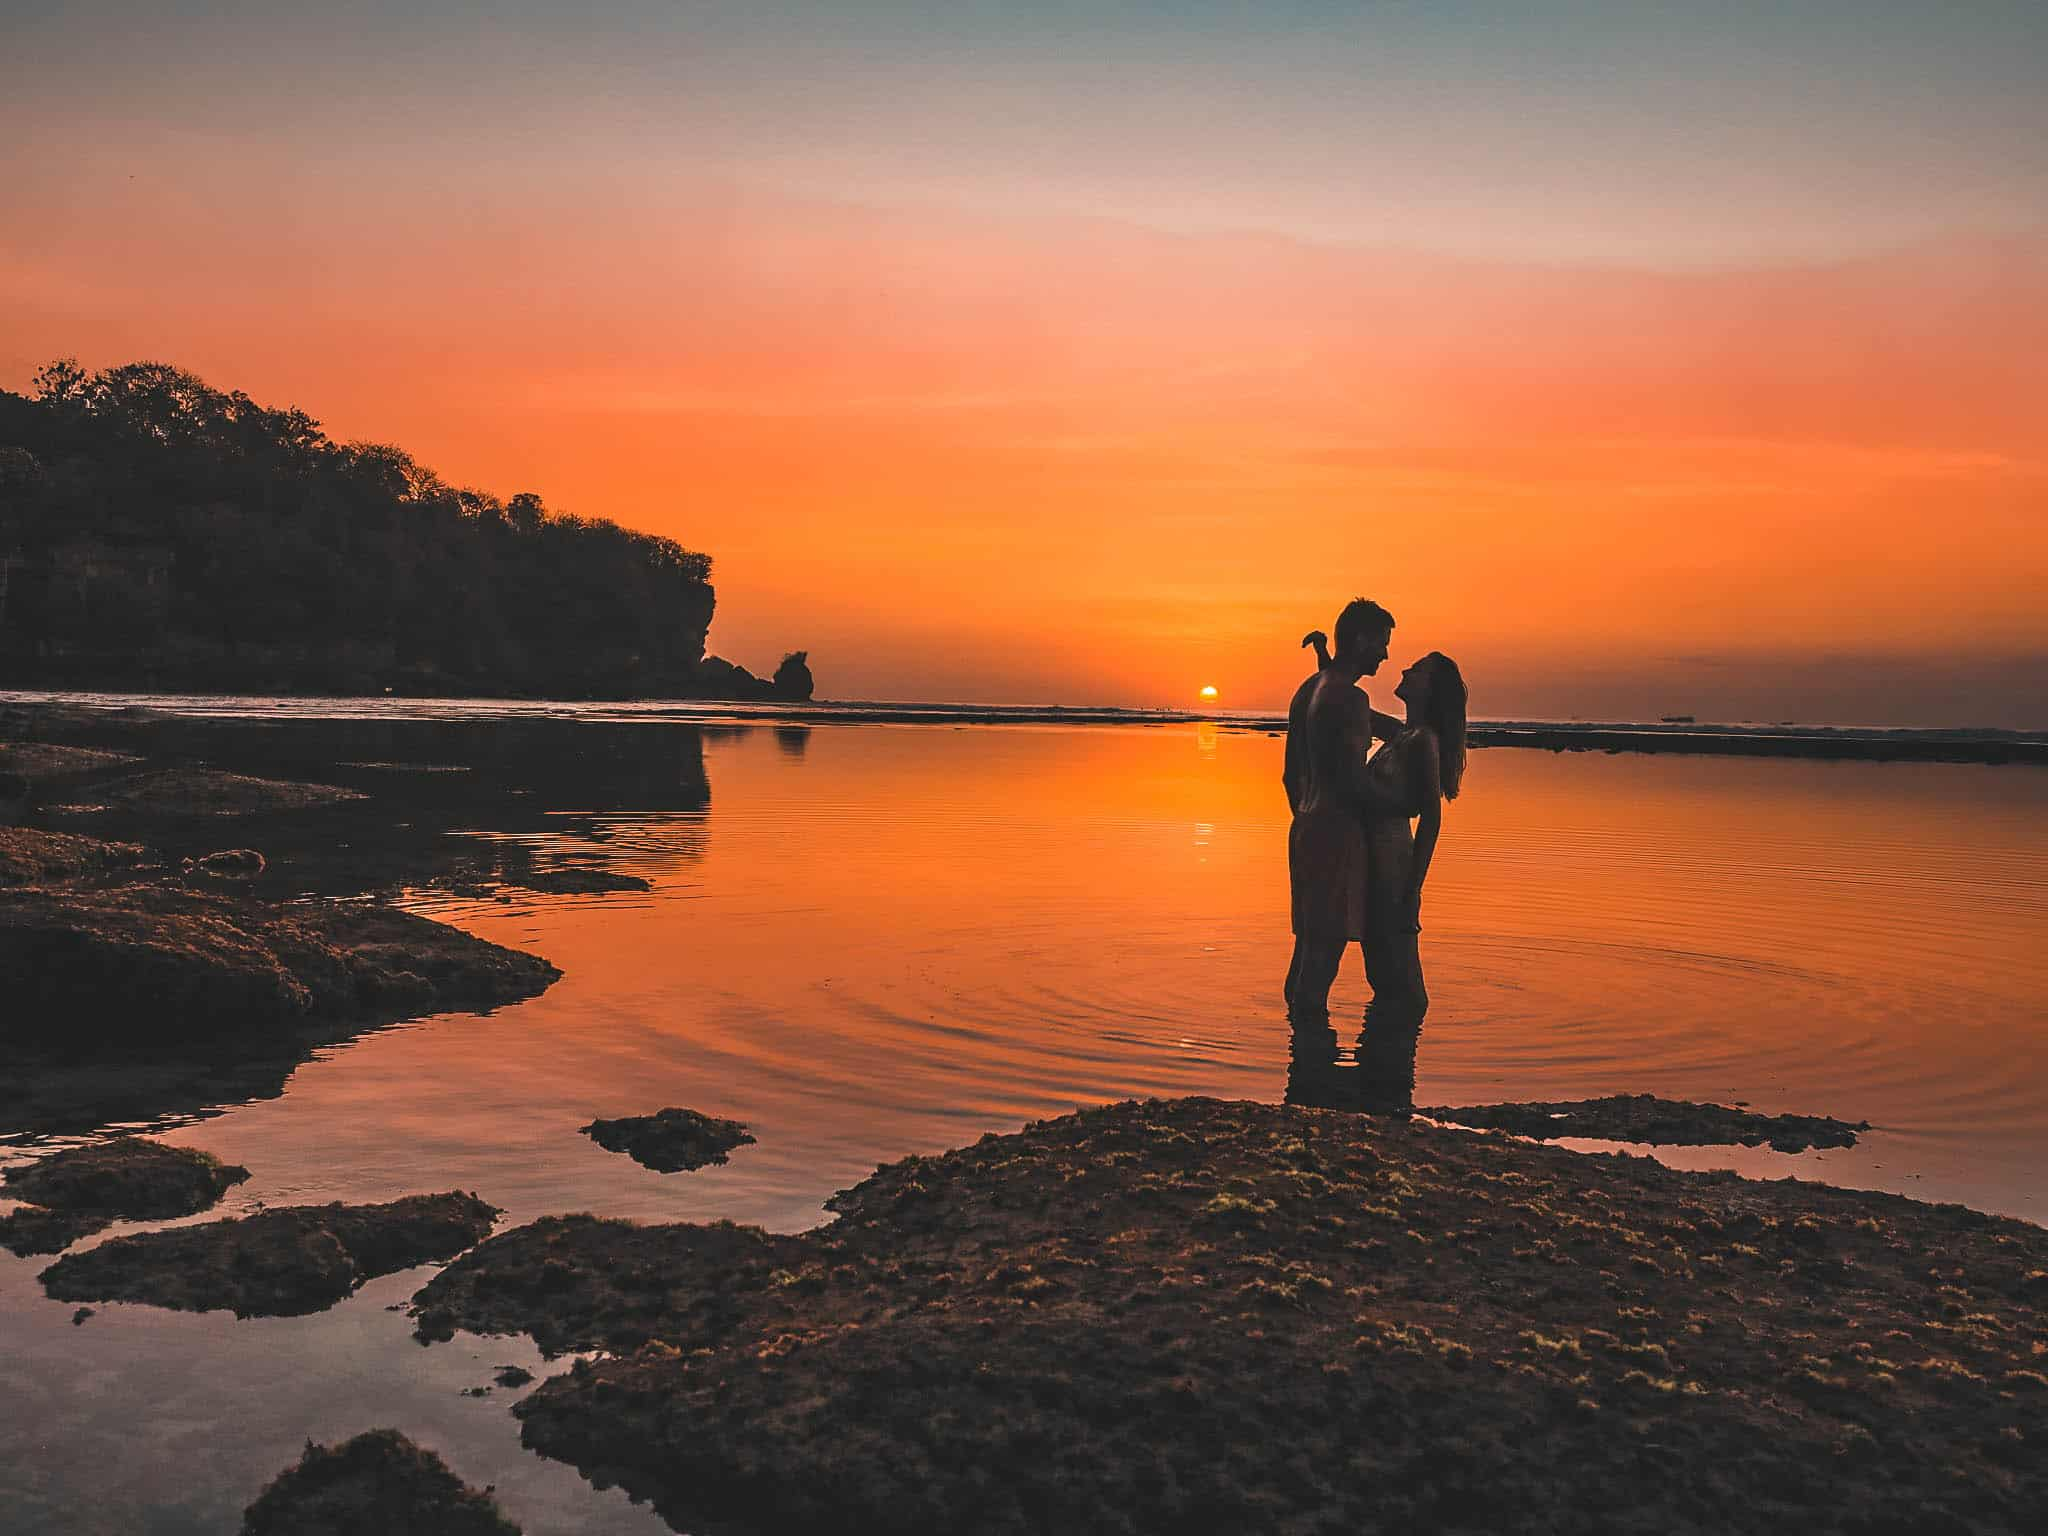 Sunset Padang Beach Uluwatu Bali